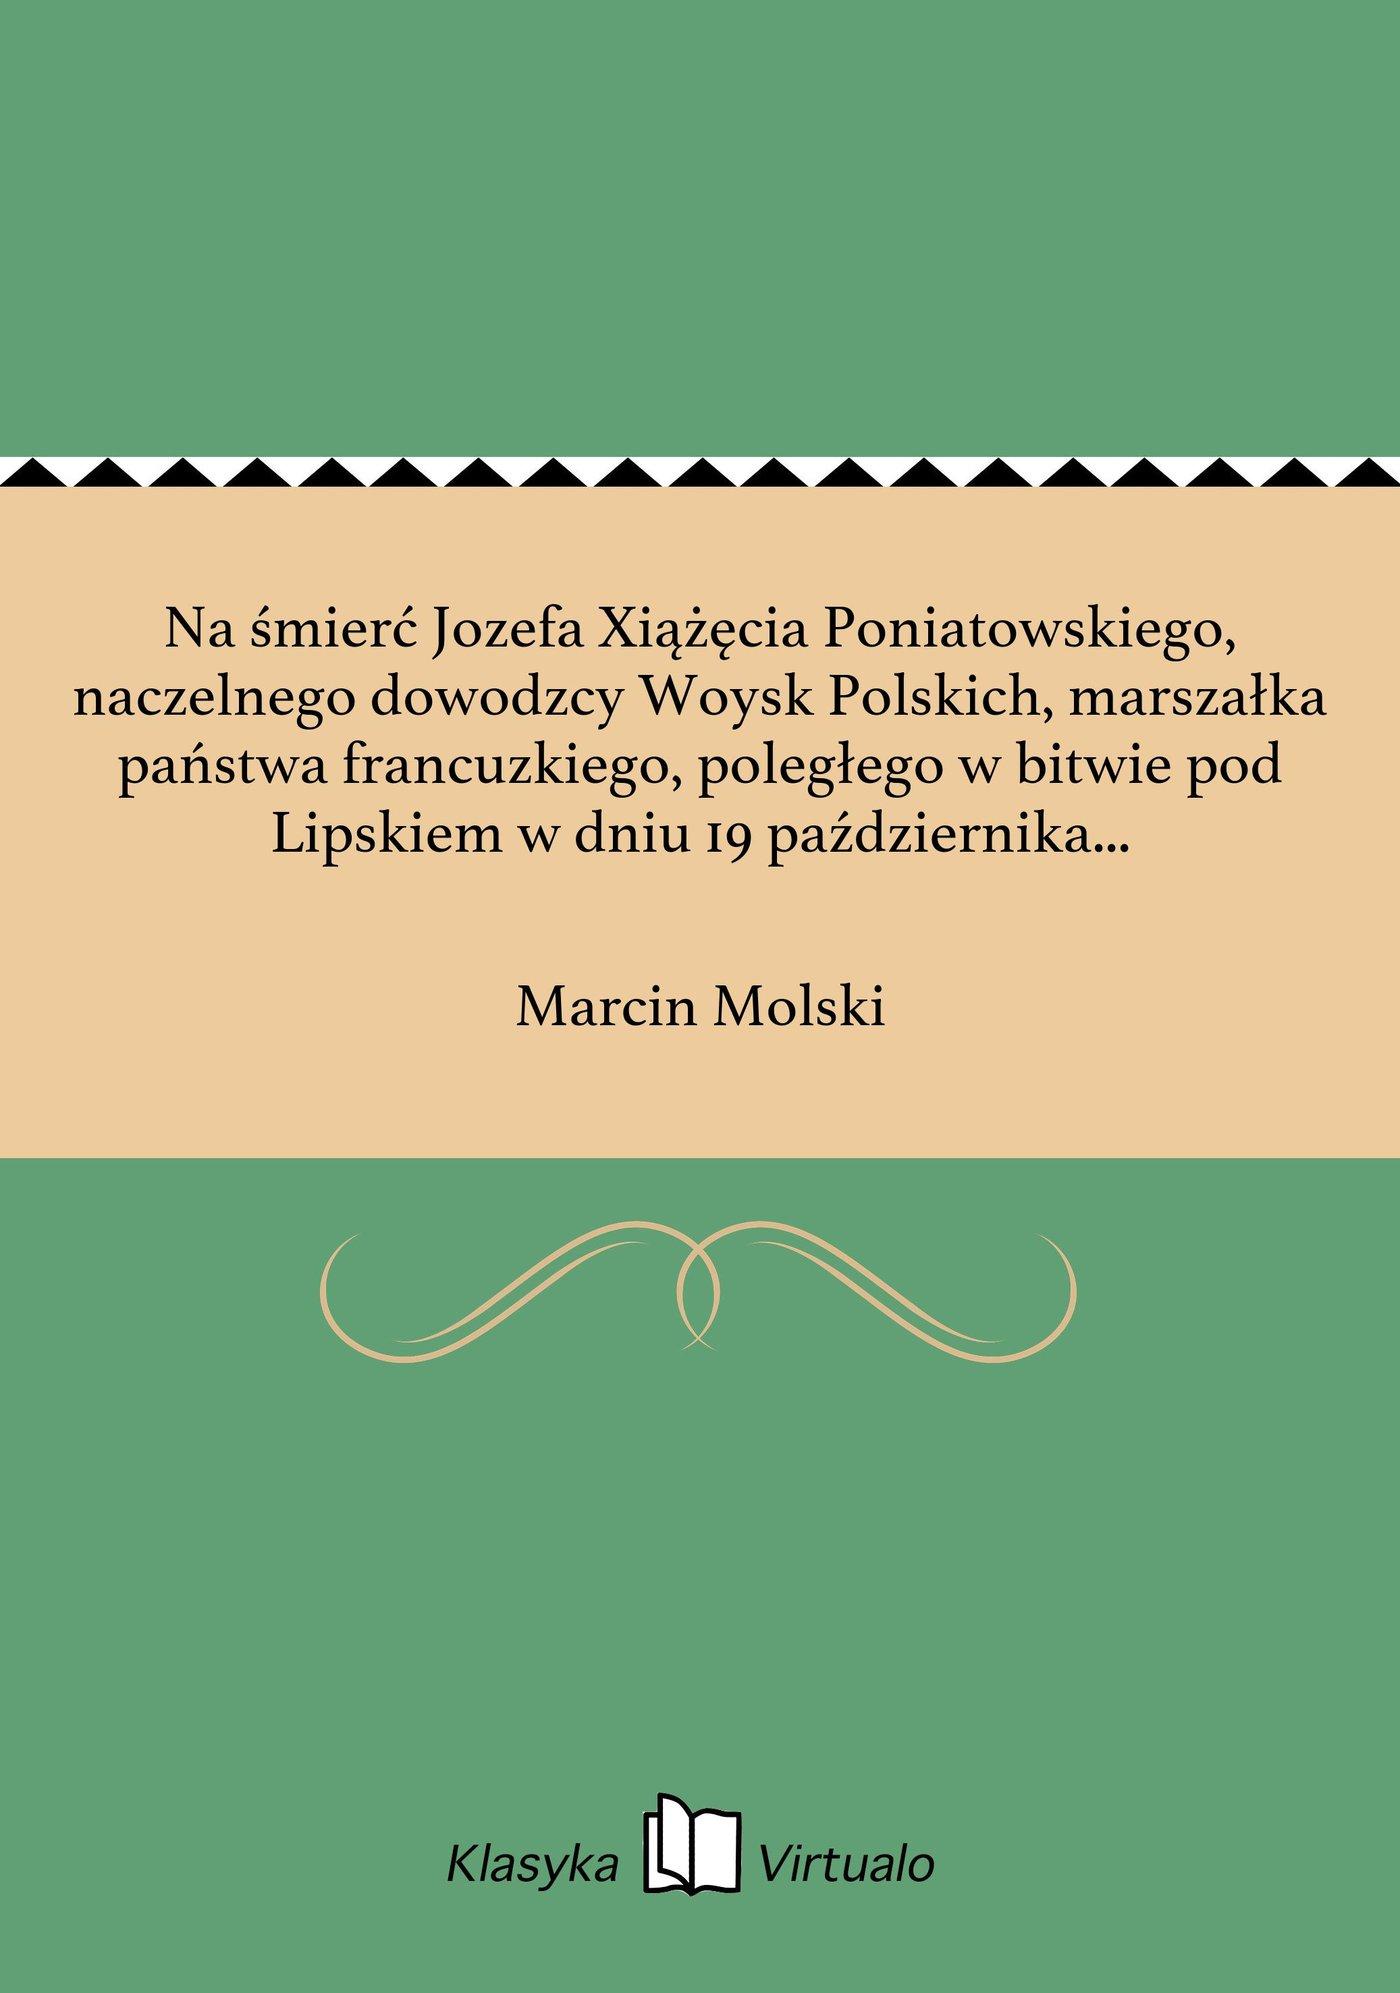 Na śmierć Jozefa Xiążęcia Poniatowskiego, naczelnego dowodzcy Woysk Polskich, marszałka państwa francuzkiego, poległego w bitwie pod Lipskiem w dniu 19 października 1813 roku - Ebook (Książka EPUB) do pobrania w formacie EPUB